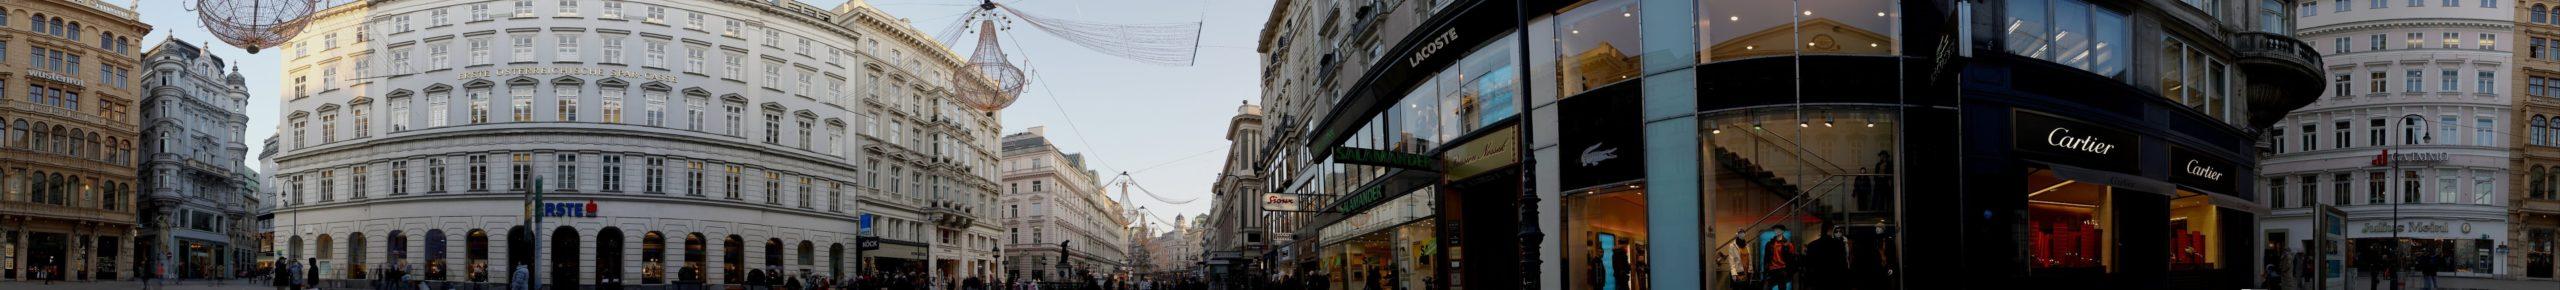 Wien Panorama Graben